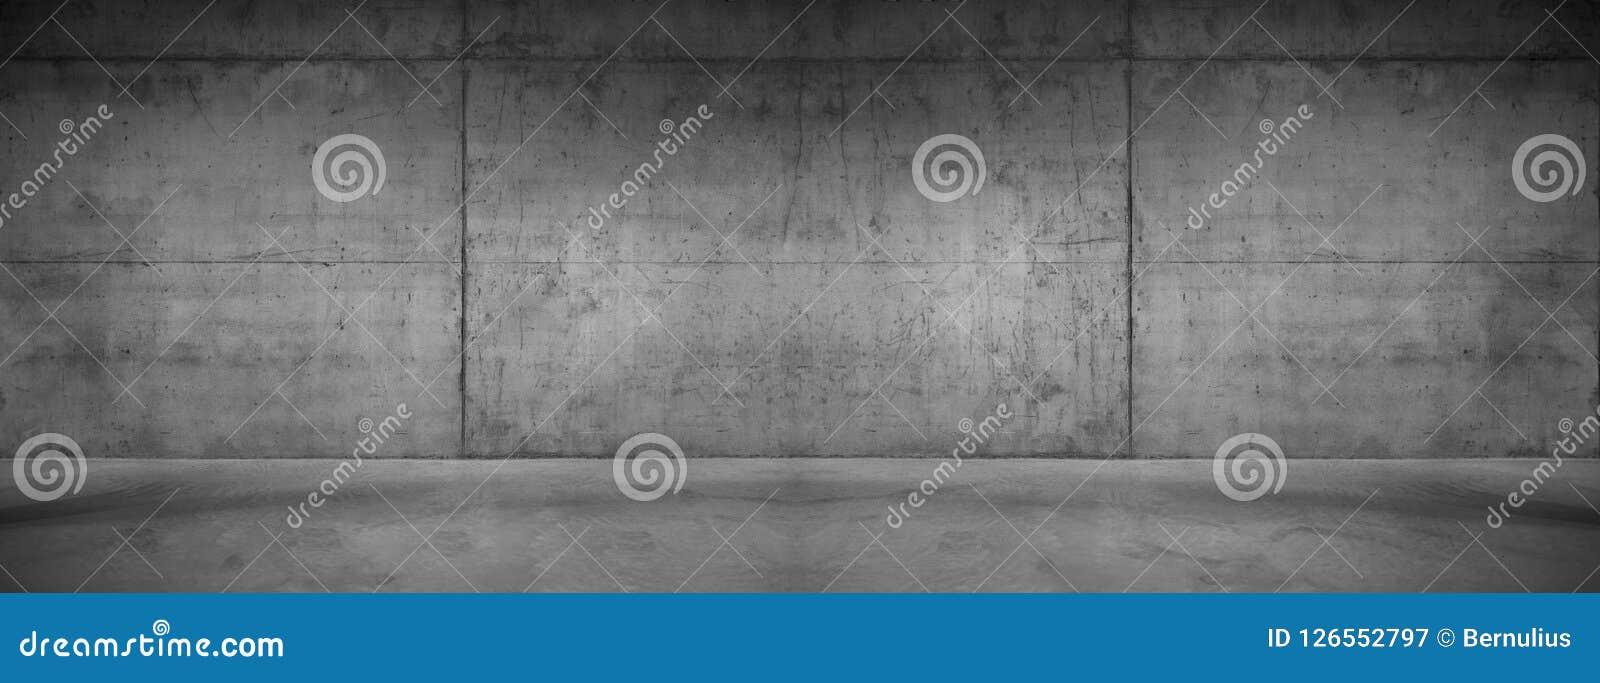 Текстура предпосылки темной панорамы бетонной стены широкая современная